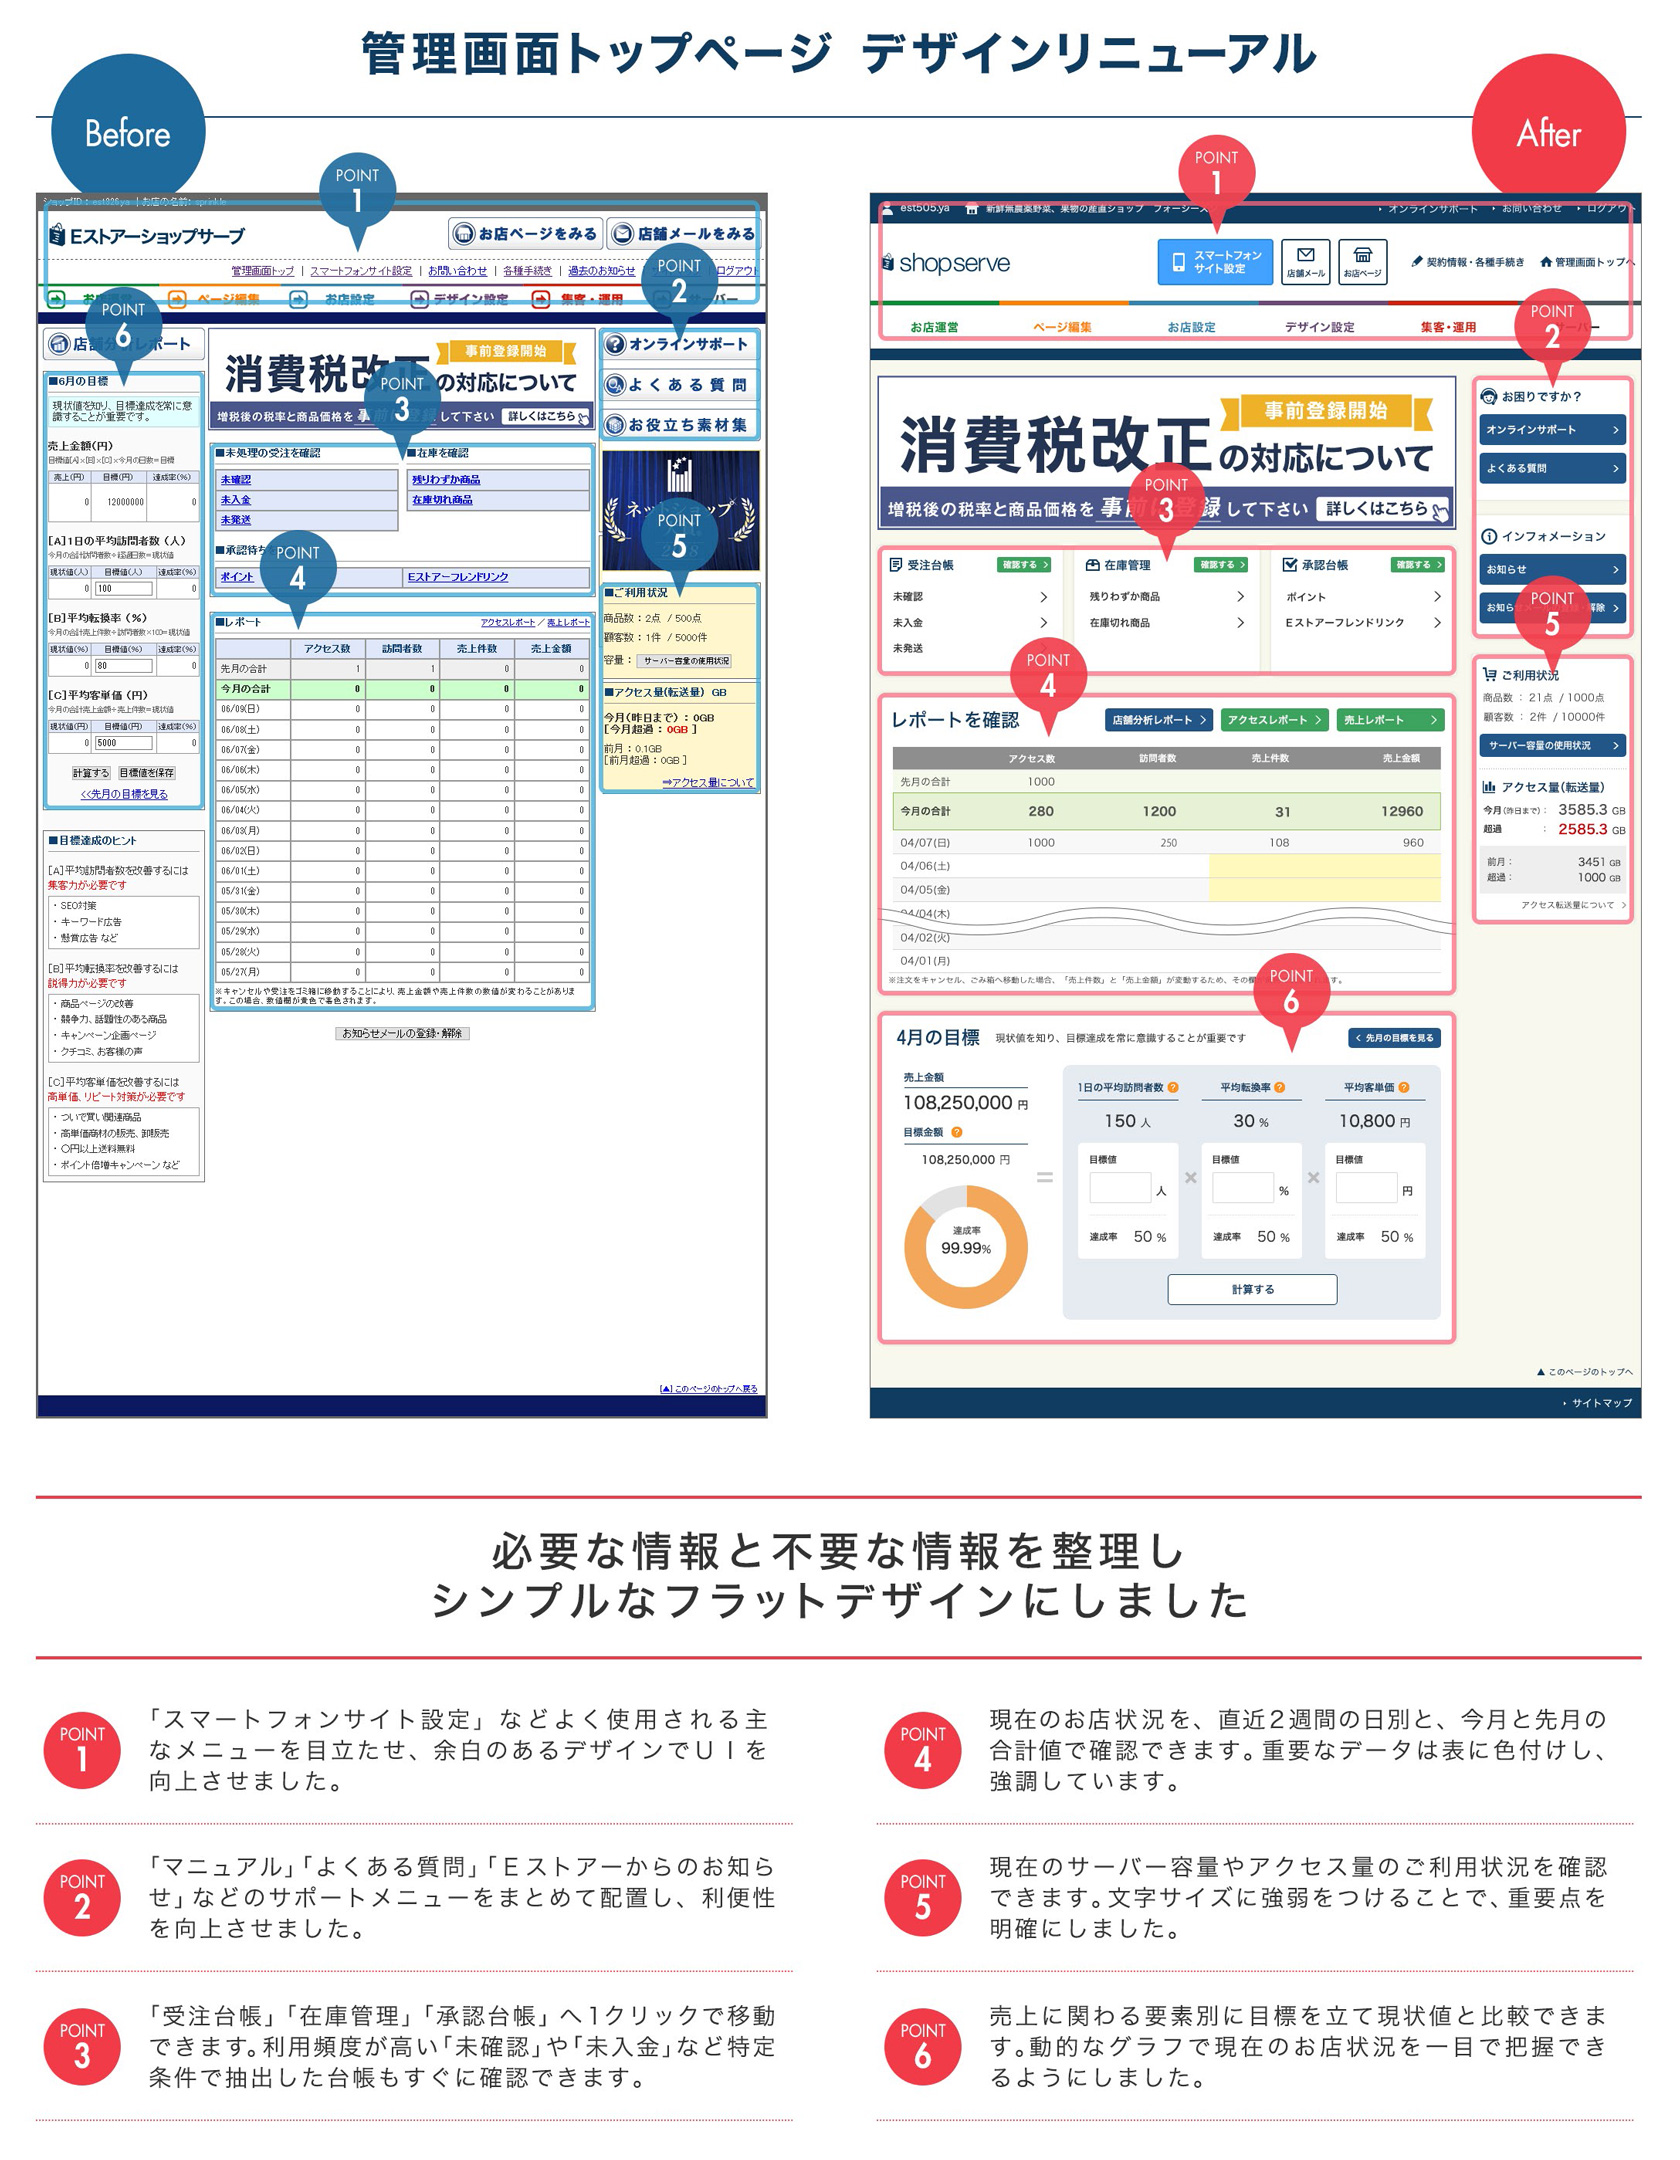 管理画面トップページ デザインリニューアル